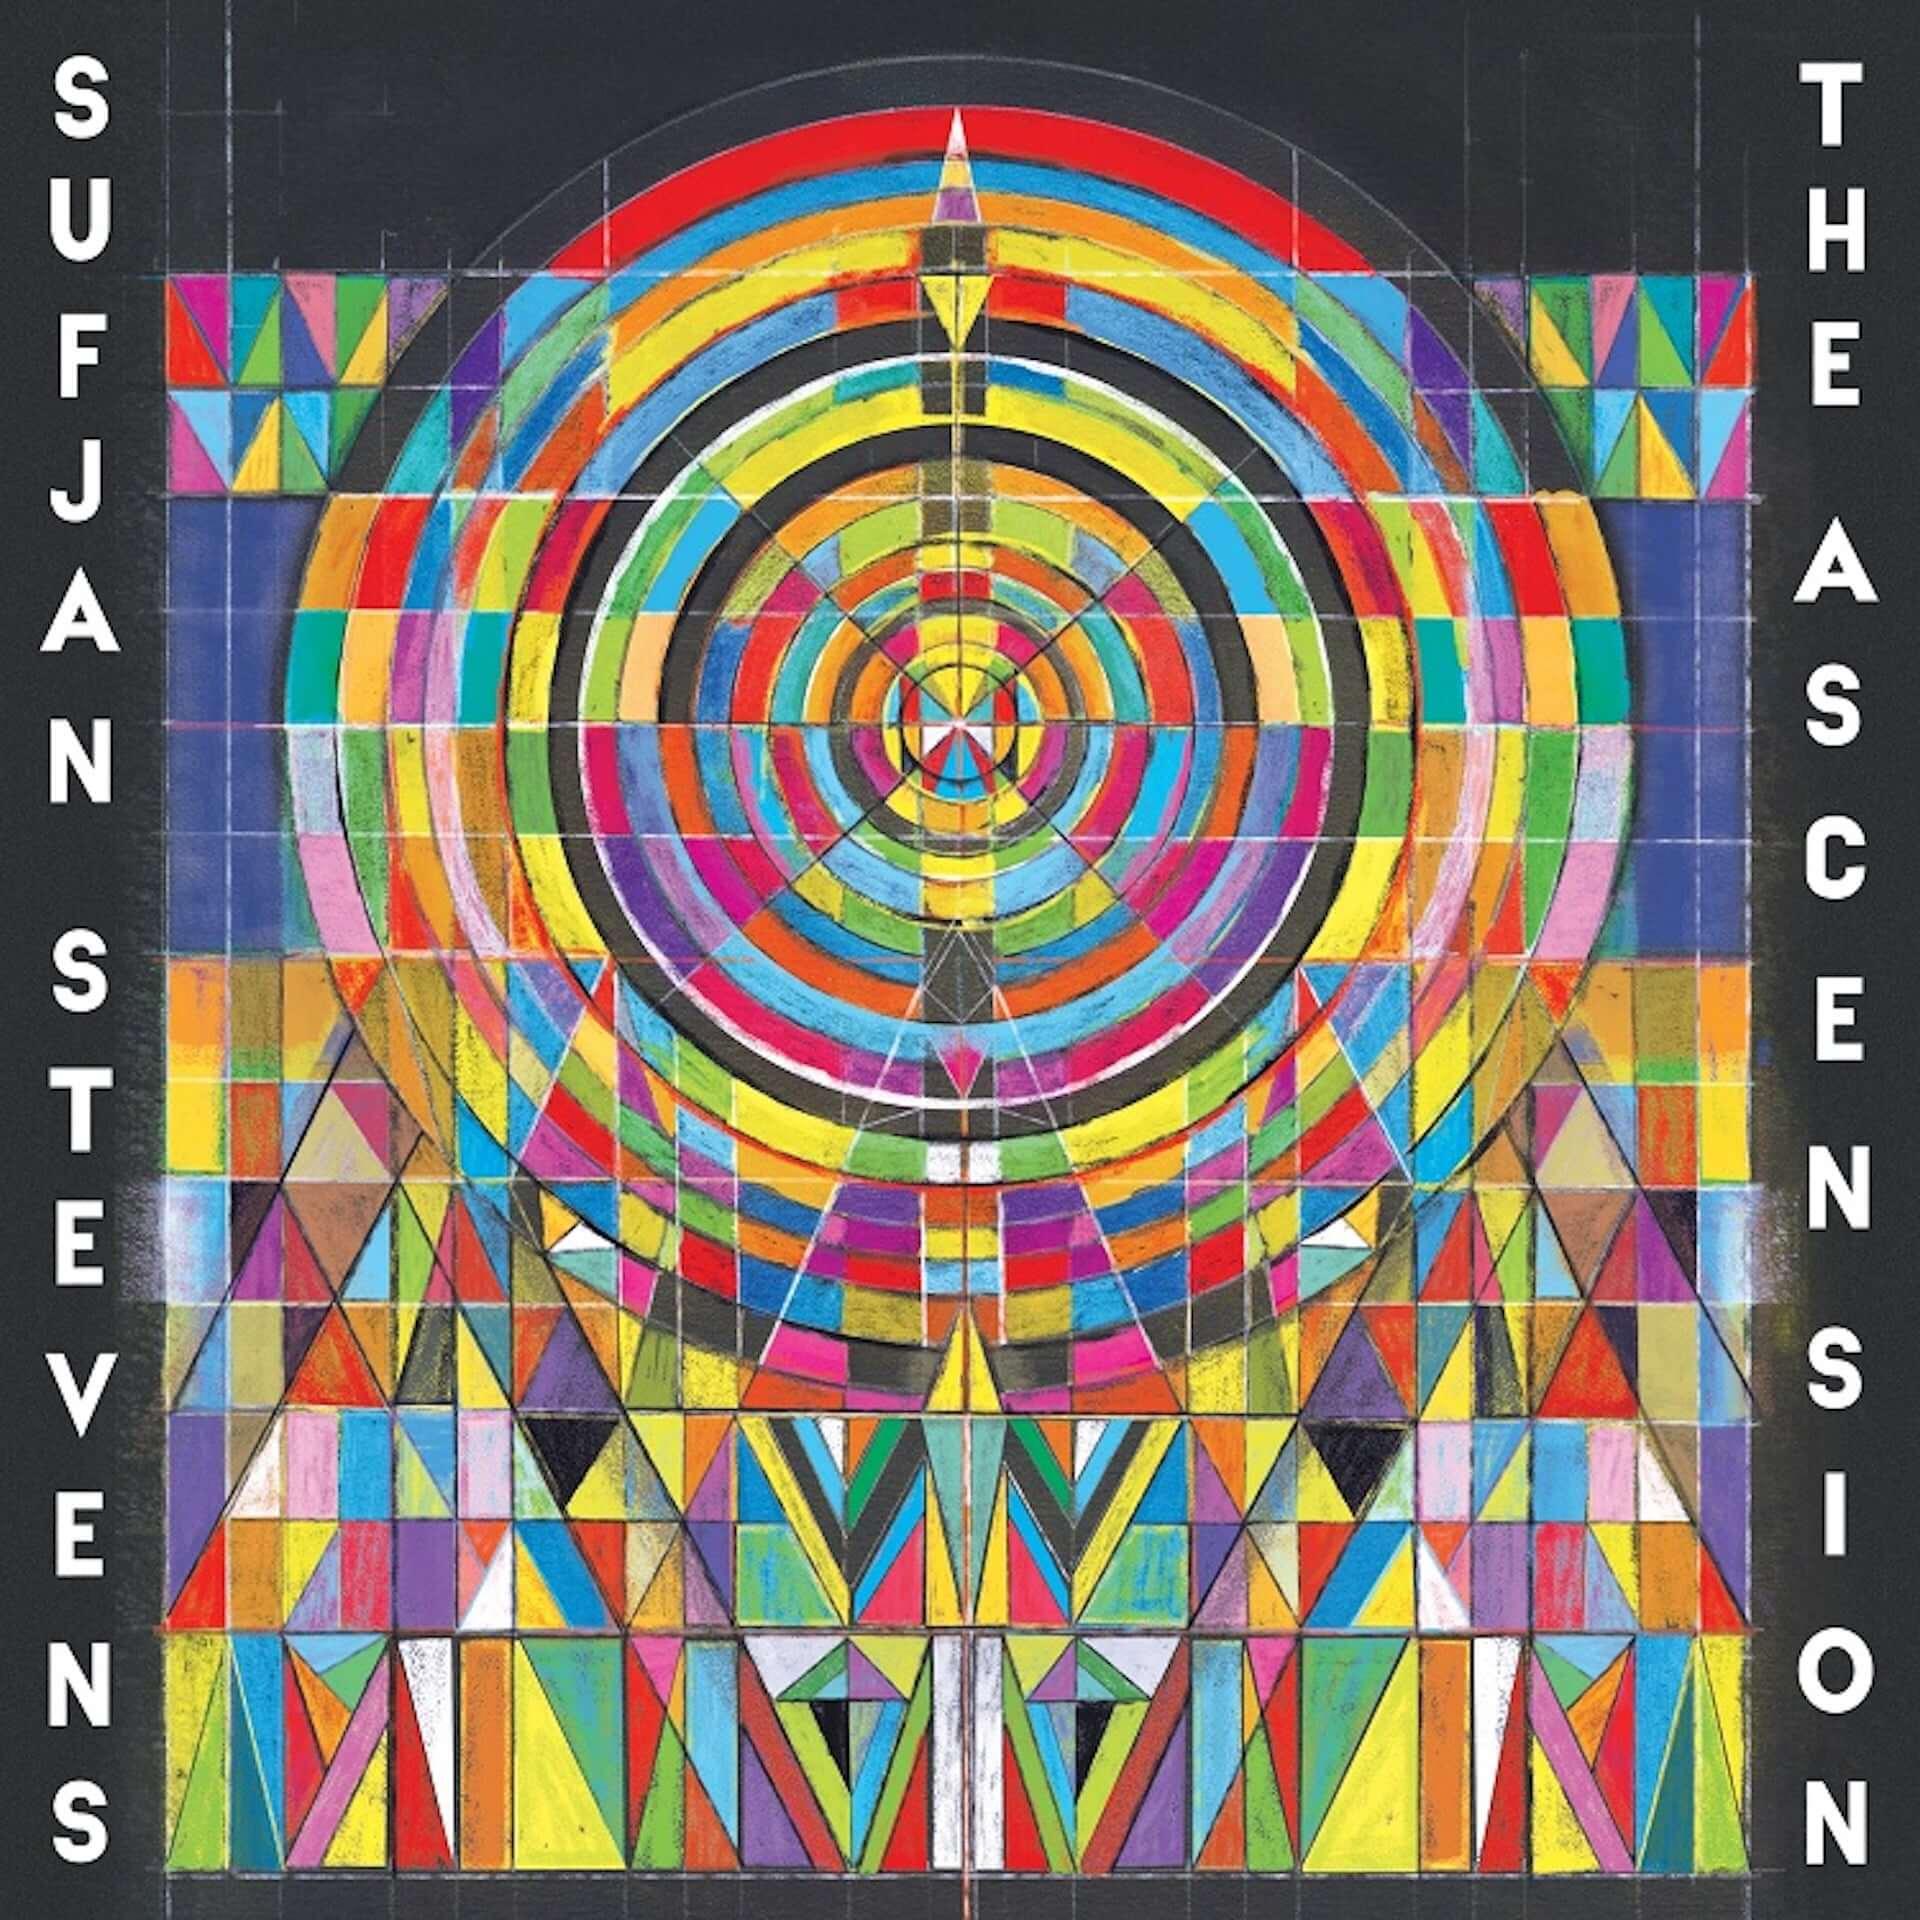 """Sufjan Stevensの5年振りの新アルバム『THE ASCENSION』がリリース決定!先行シングル""""America""""は明日公開 music200702_sufjanstevens_2-1-1920x1920"""